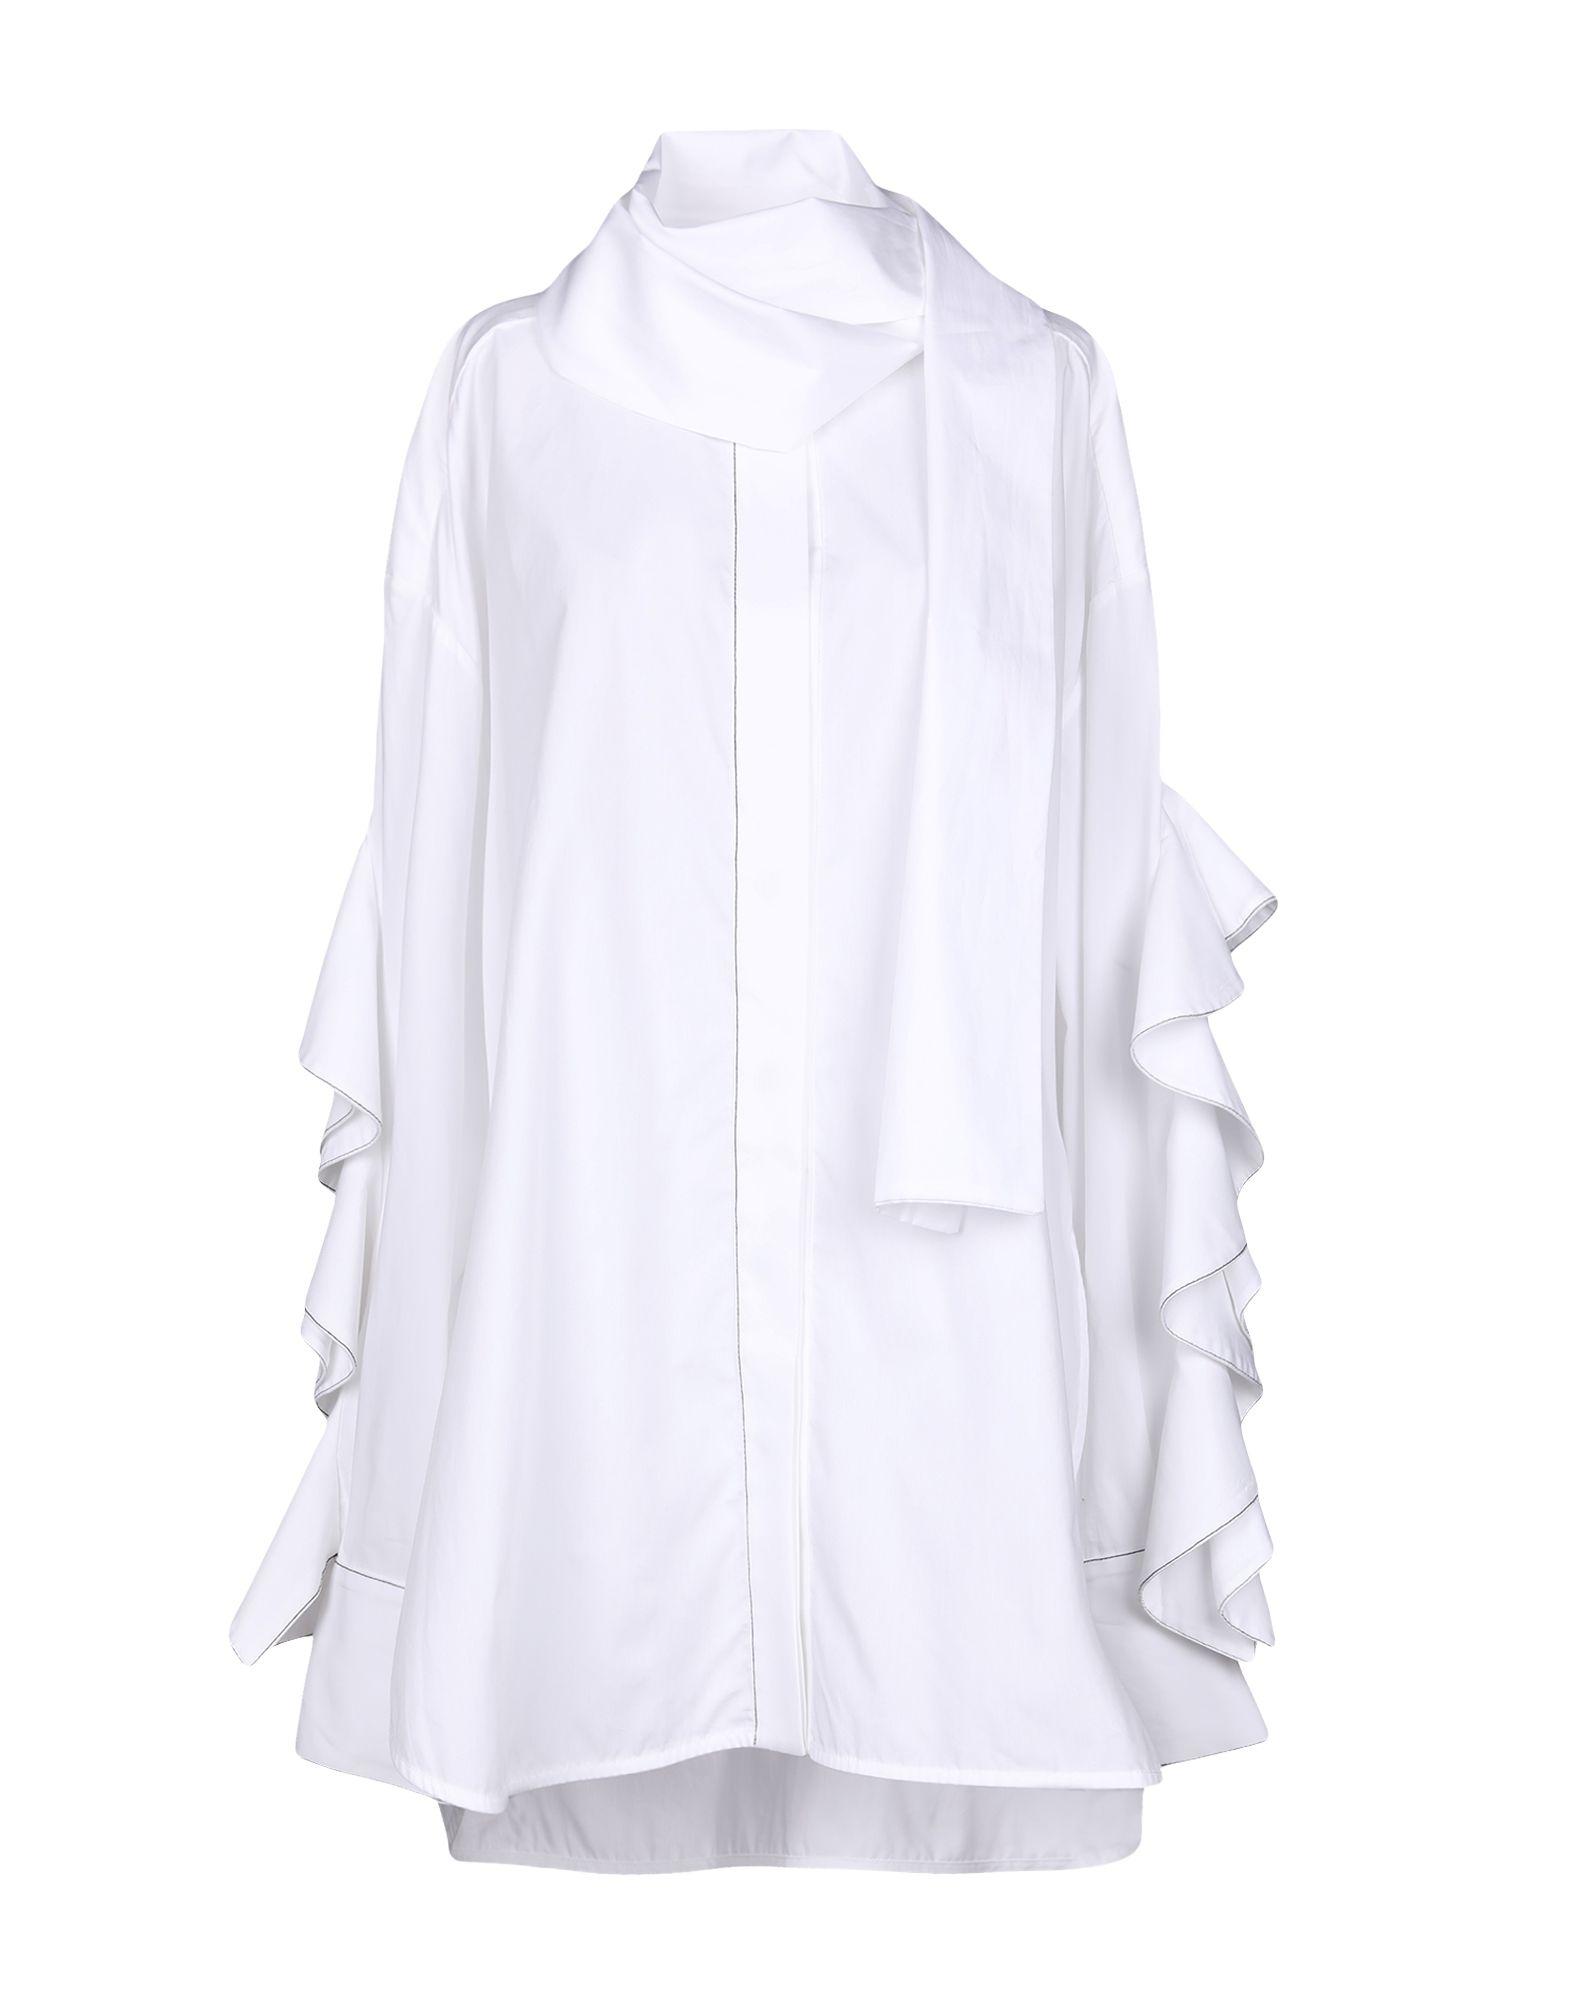 《セール開催中》ELLERY レディース シャツ ホワイト 8 100% コットン